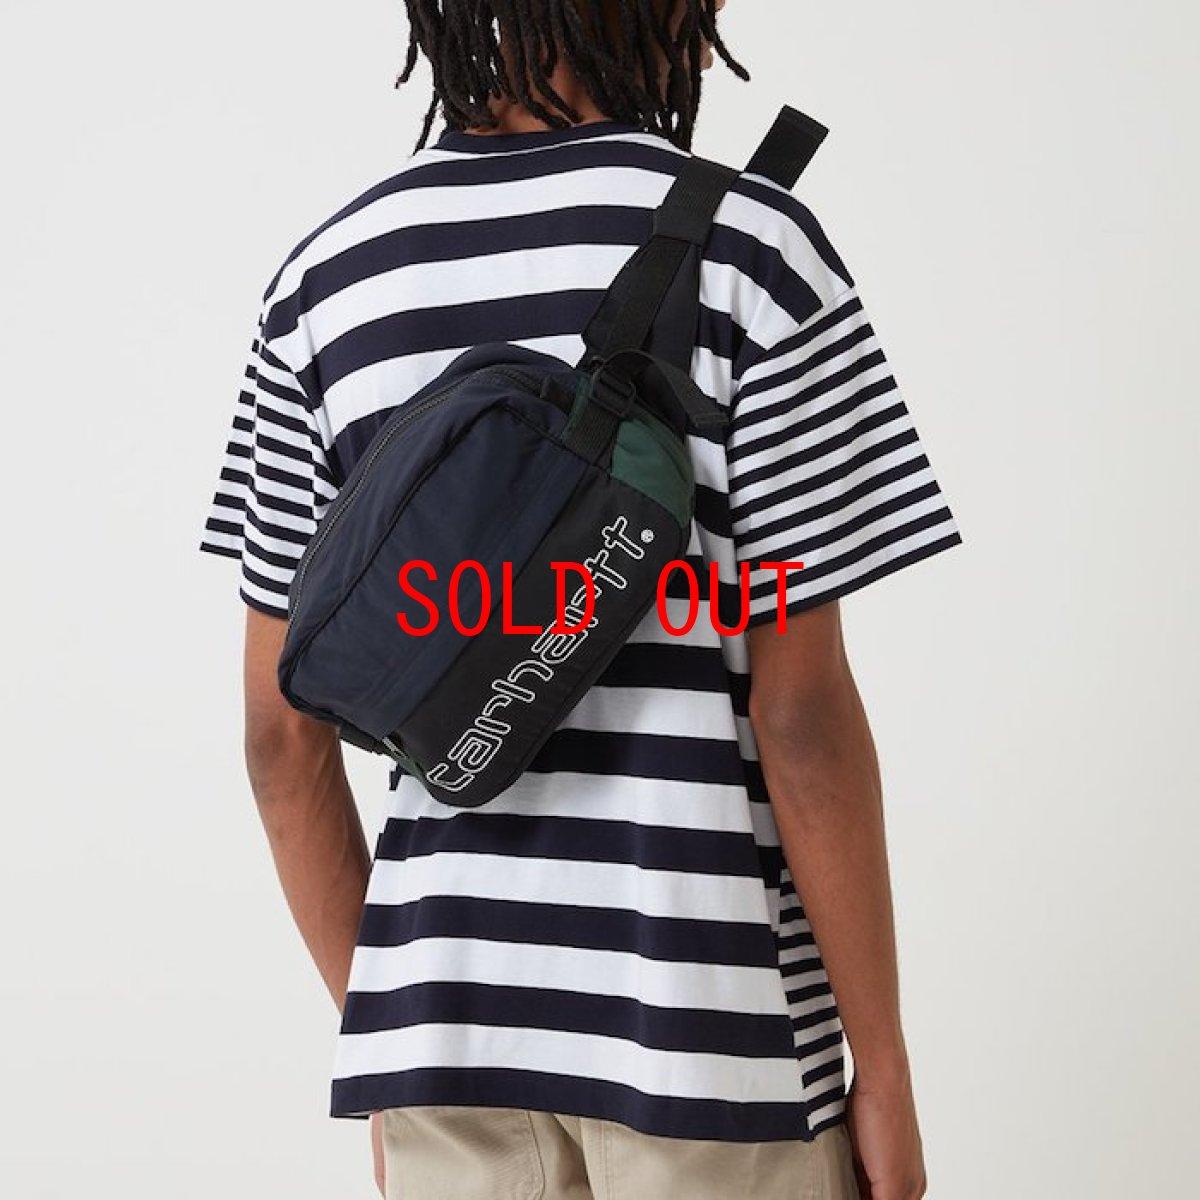 画像1: Carhartt WIP(カーハート ワークインプログレス) Terrce Hip Bag Green Dark Navy Black Bottle Bag Colorblock カラーブロック 切替 ウエスト ショルダー ヒップ バッグ (1)